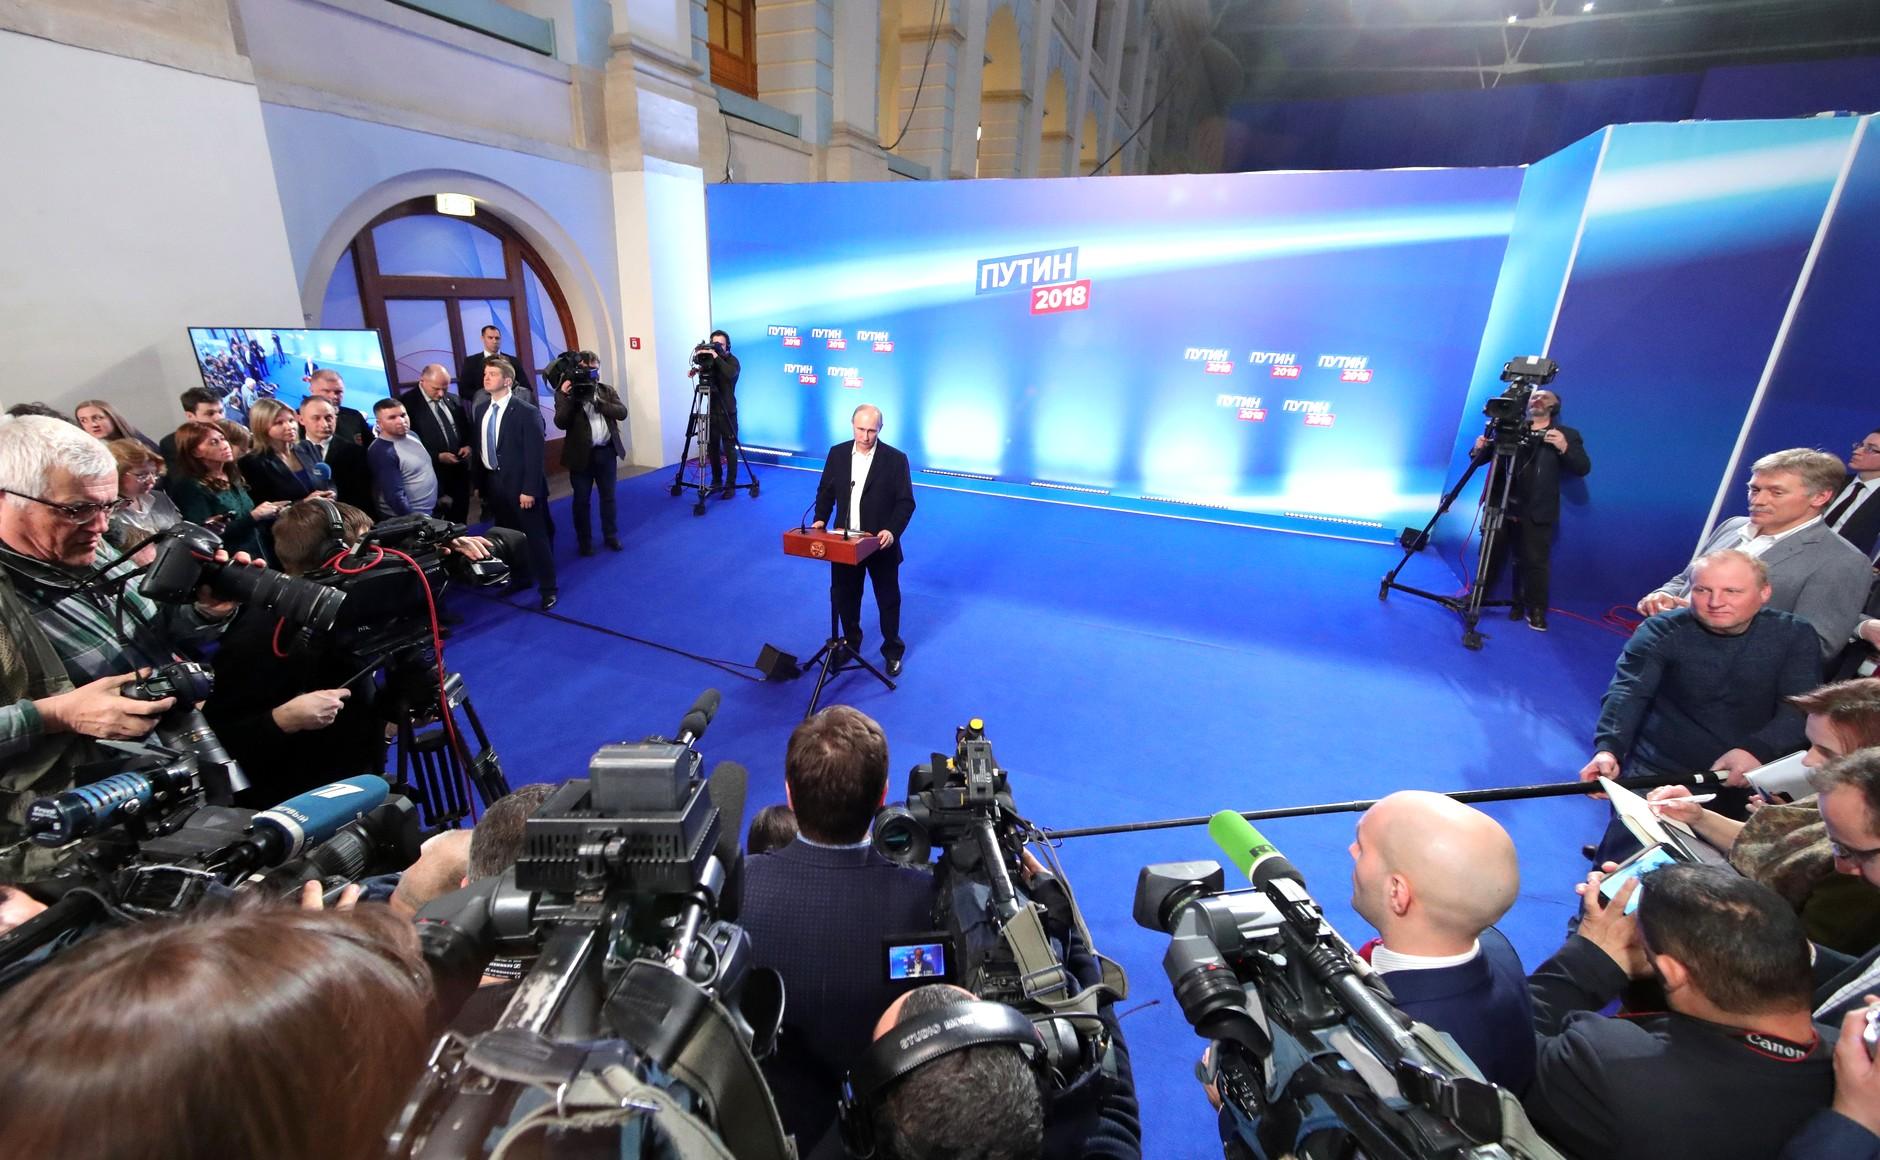 Леонид Радзиховский о непризнании Европой выборов Путина в аннексированном Крыму